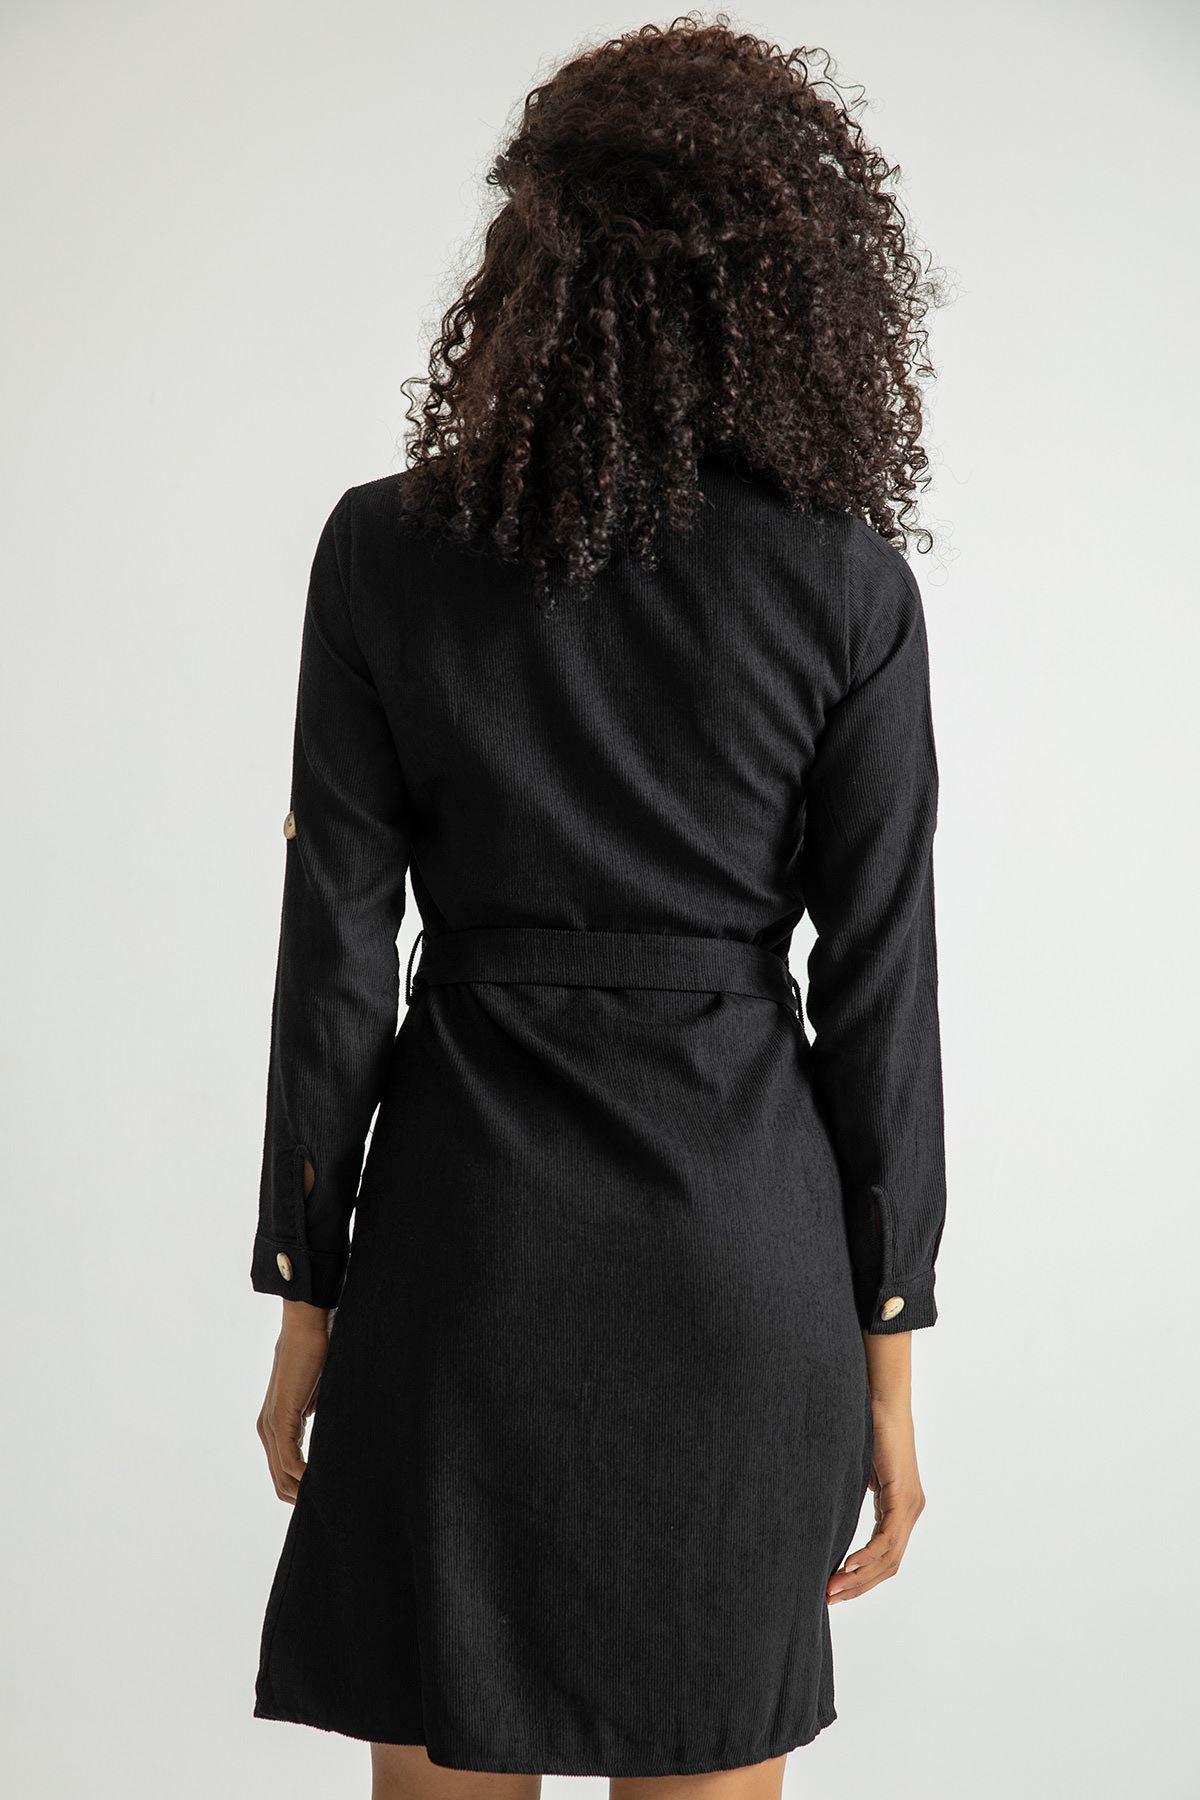 Kuşaklı Kadife Elbise-Siyah